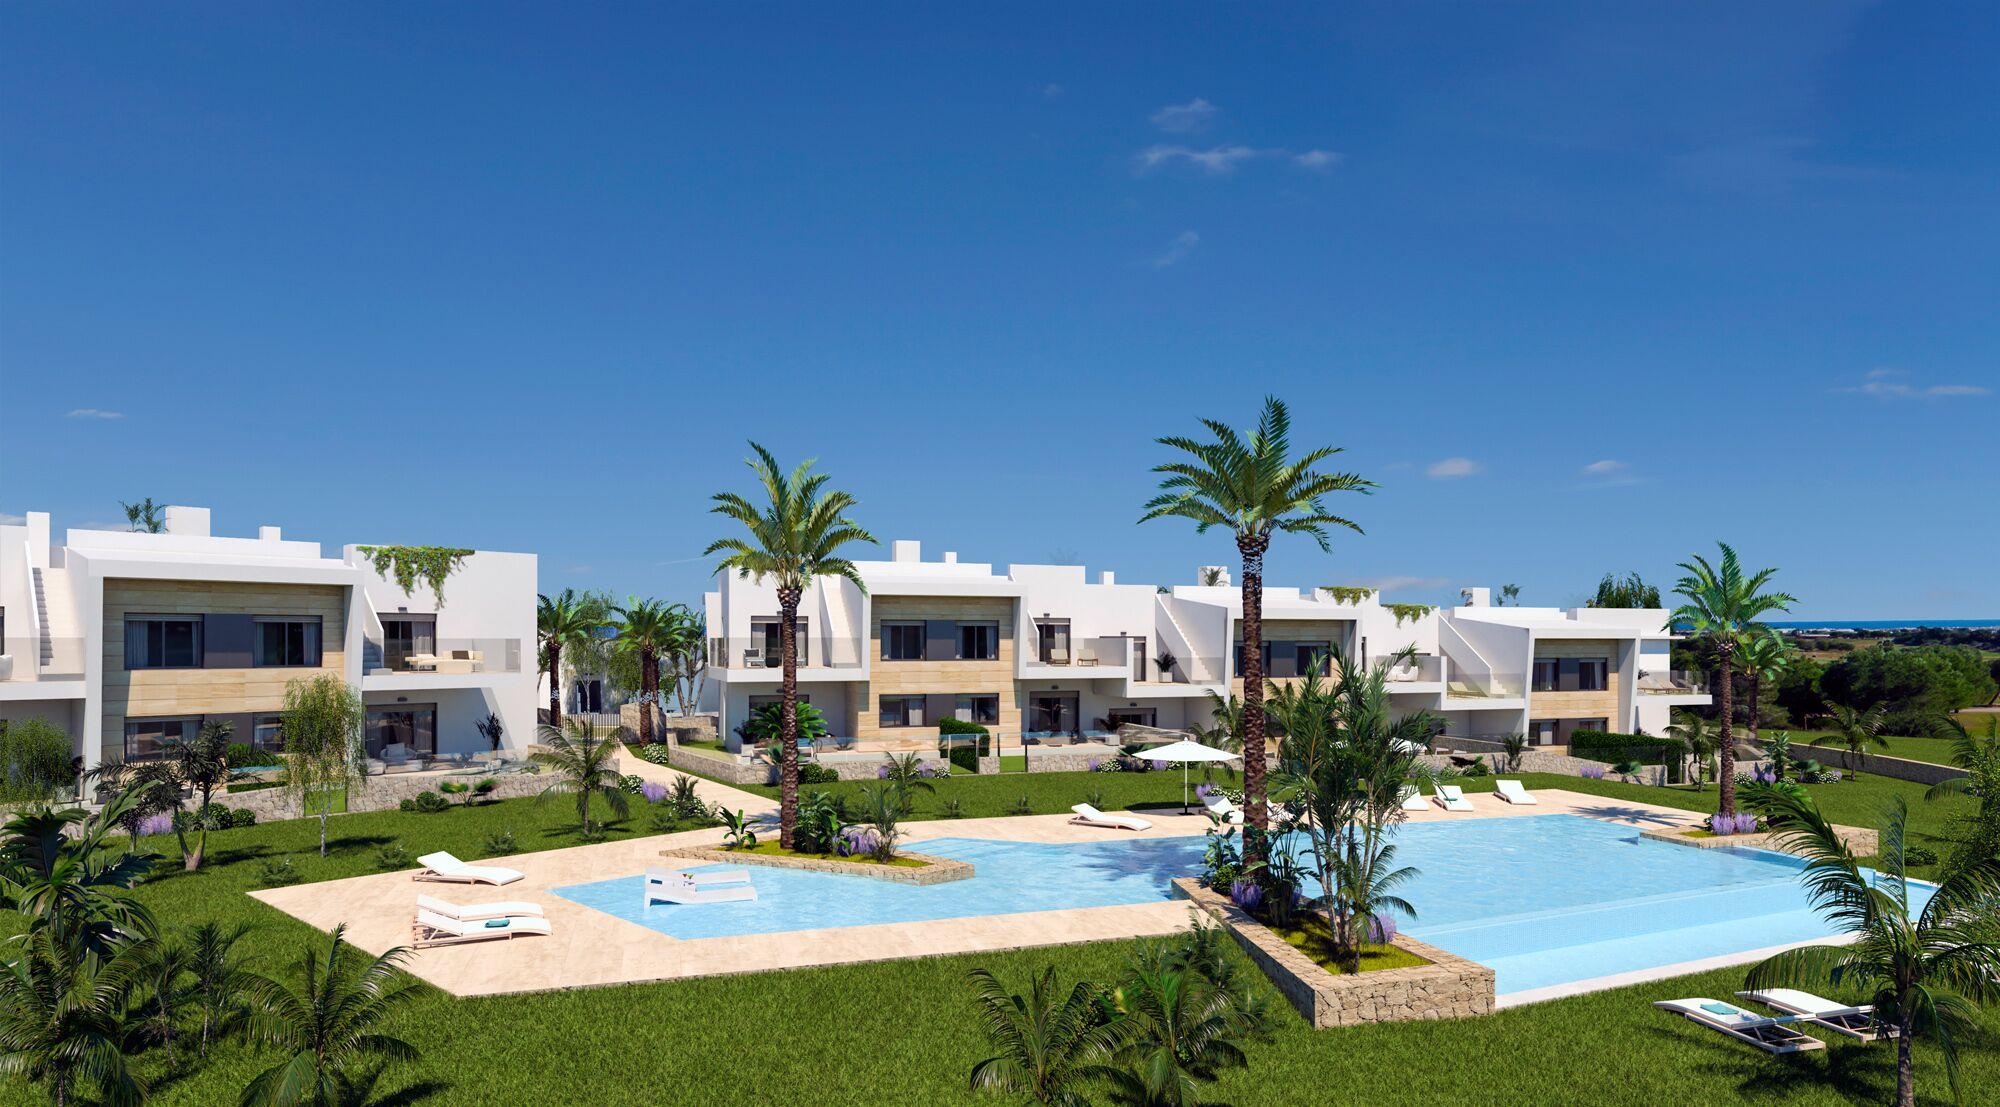 kf943399: Apartment for sale in Lo Romero